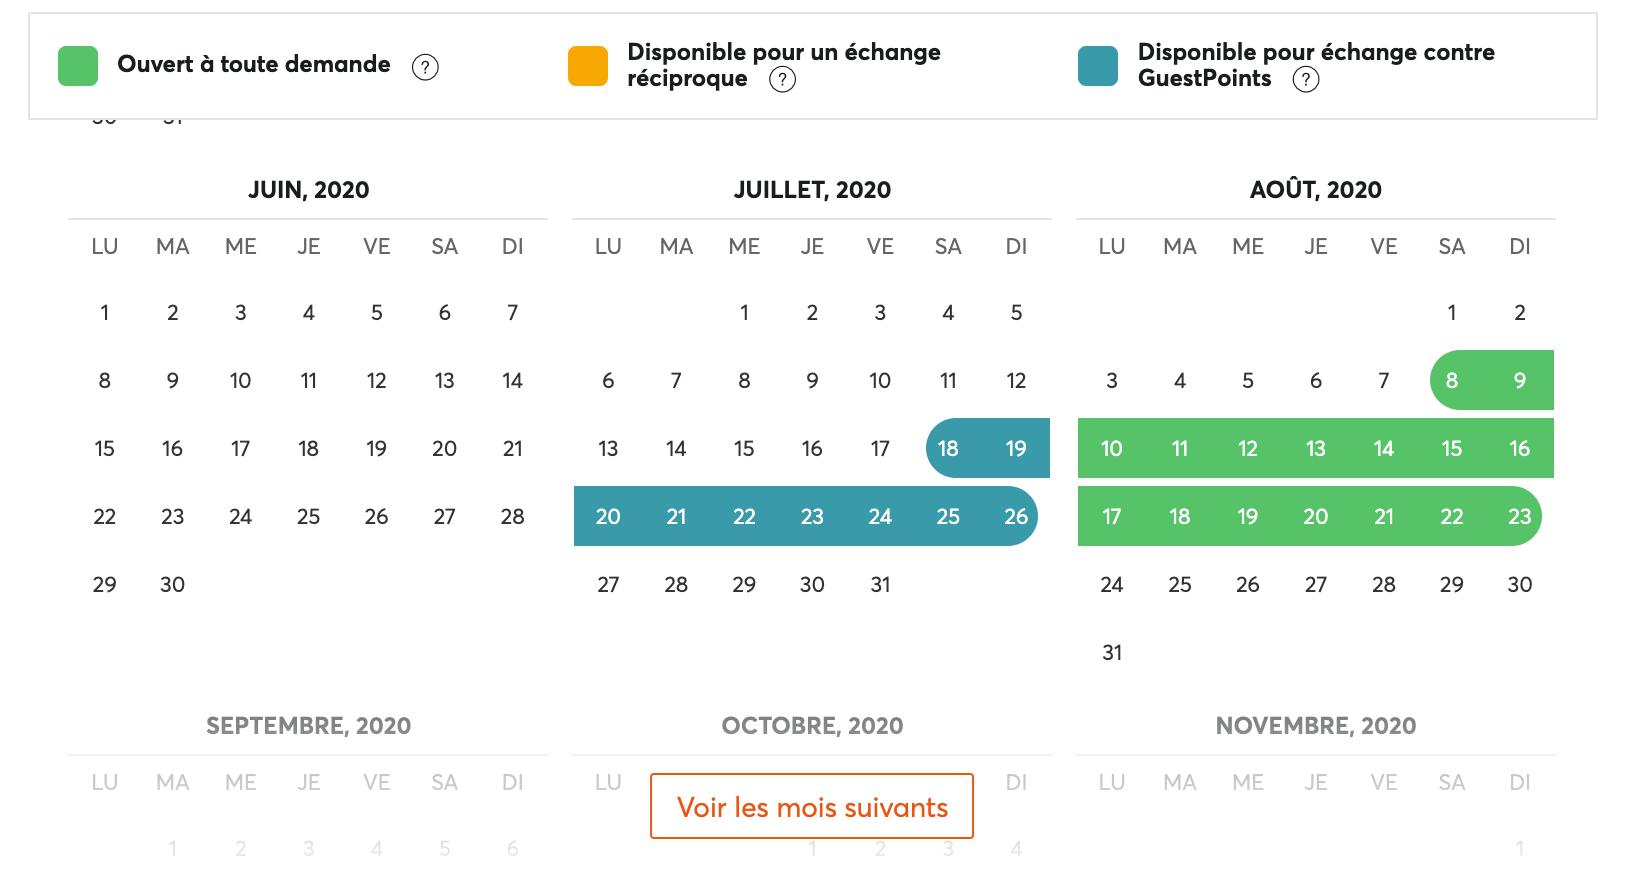 Echange-de-maison-calendrier-HomeExchange